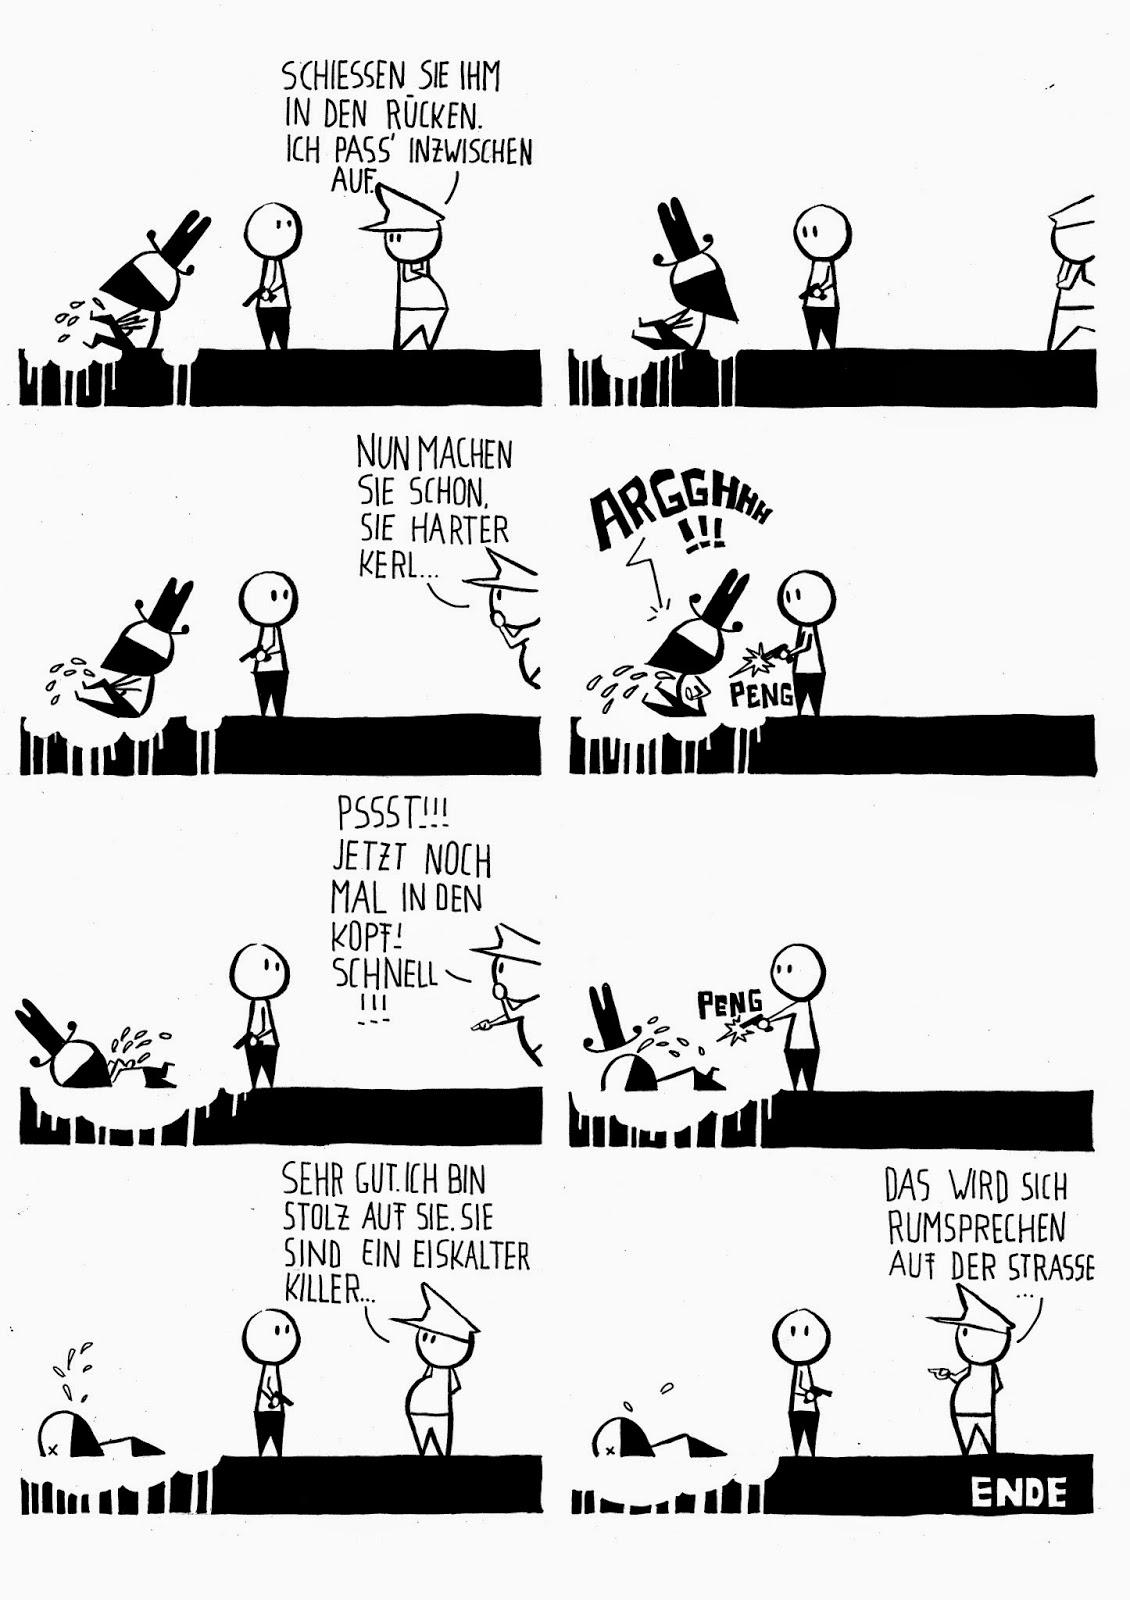 comic, jpeg, gewalt, humor, kriminalität